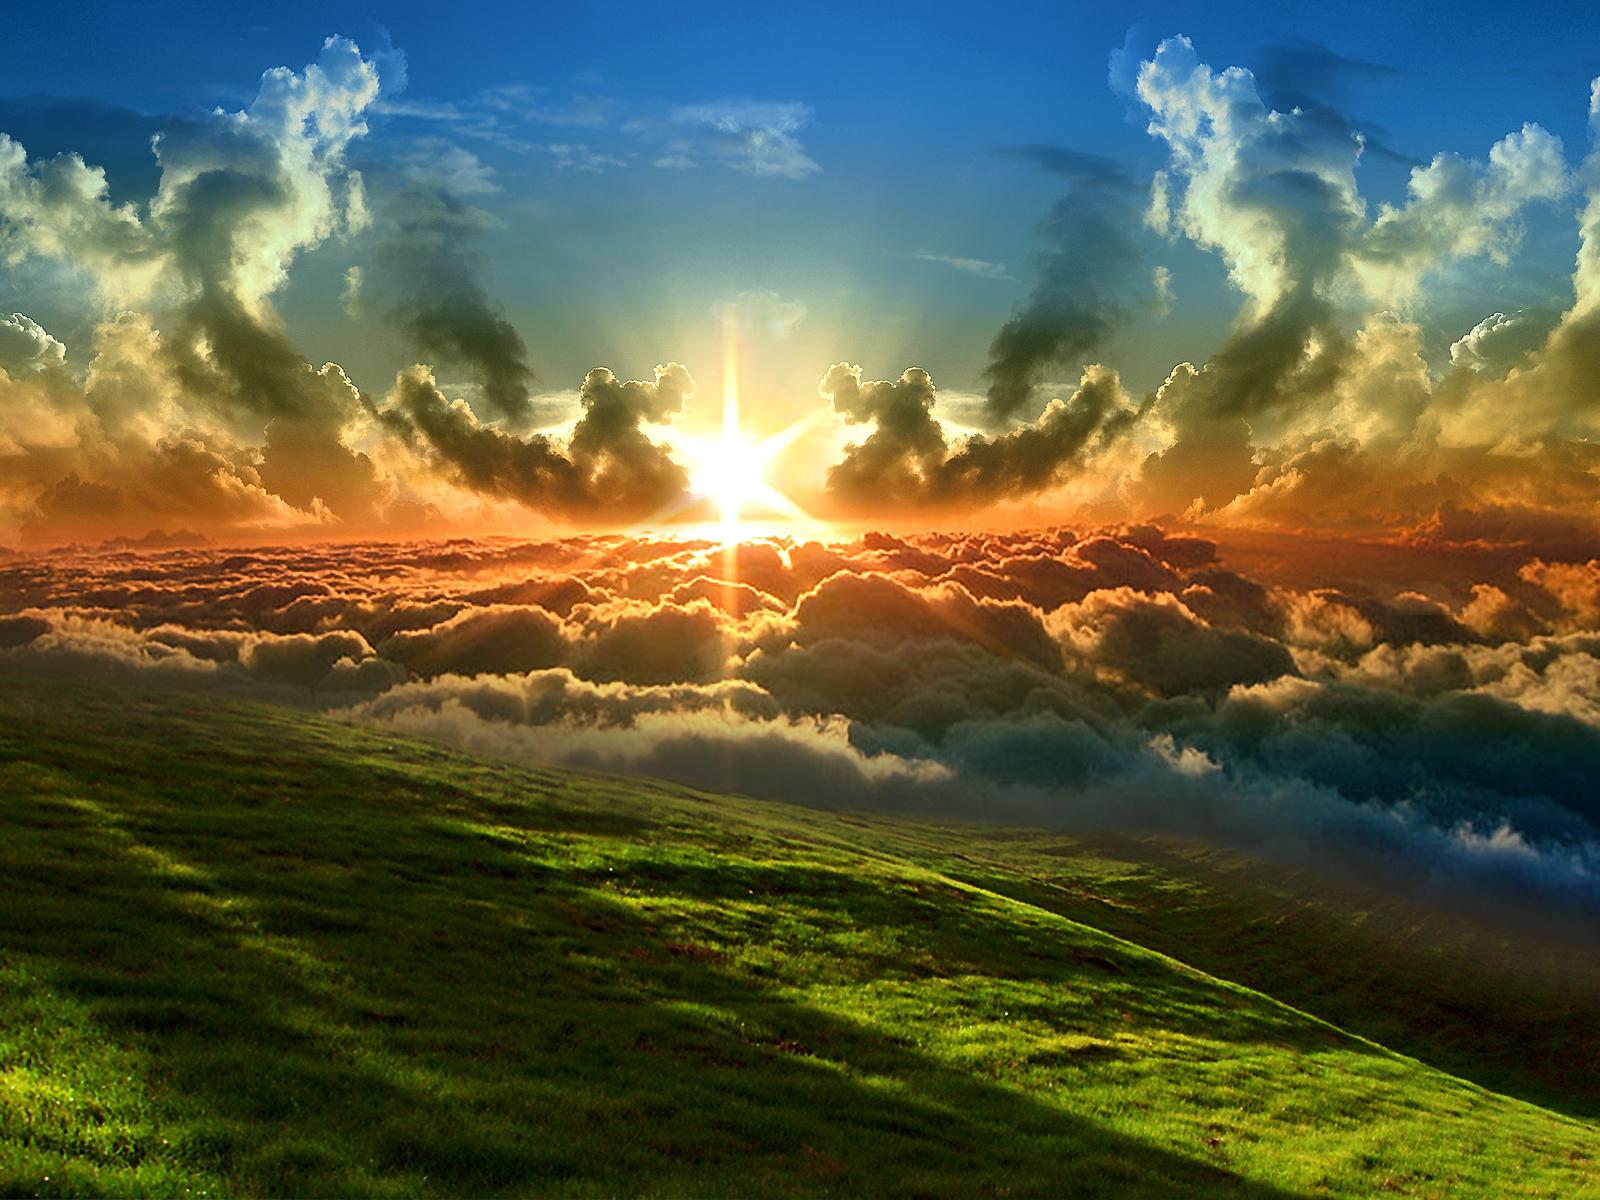 Heart 2 Heart Is Your Eternal Destination Heaven